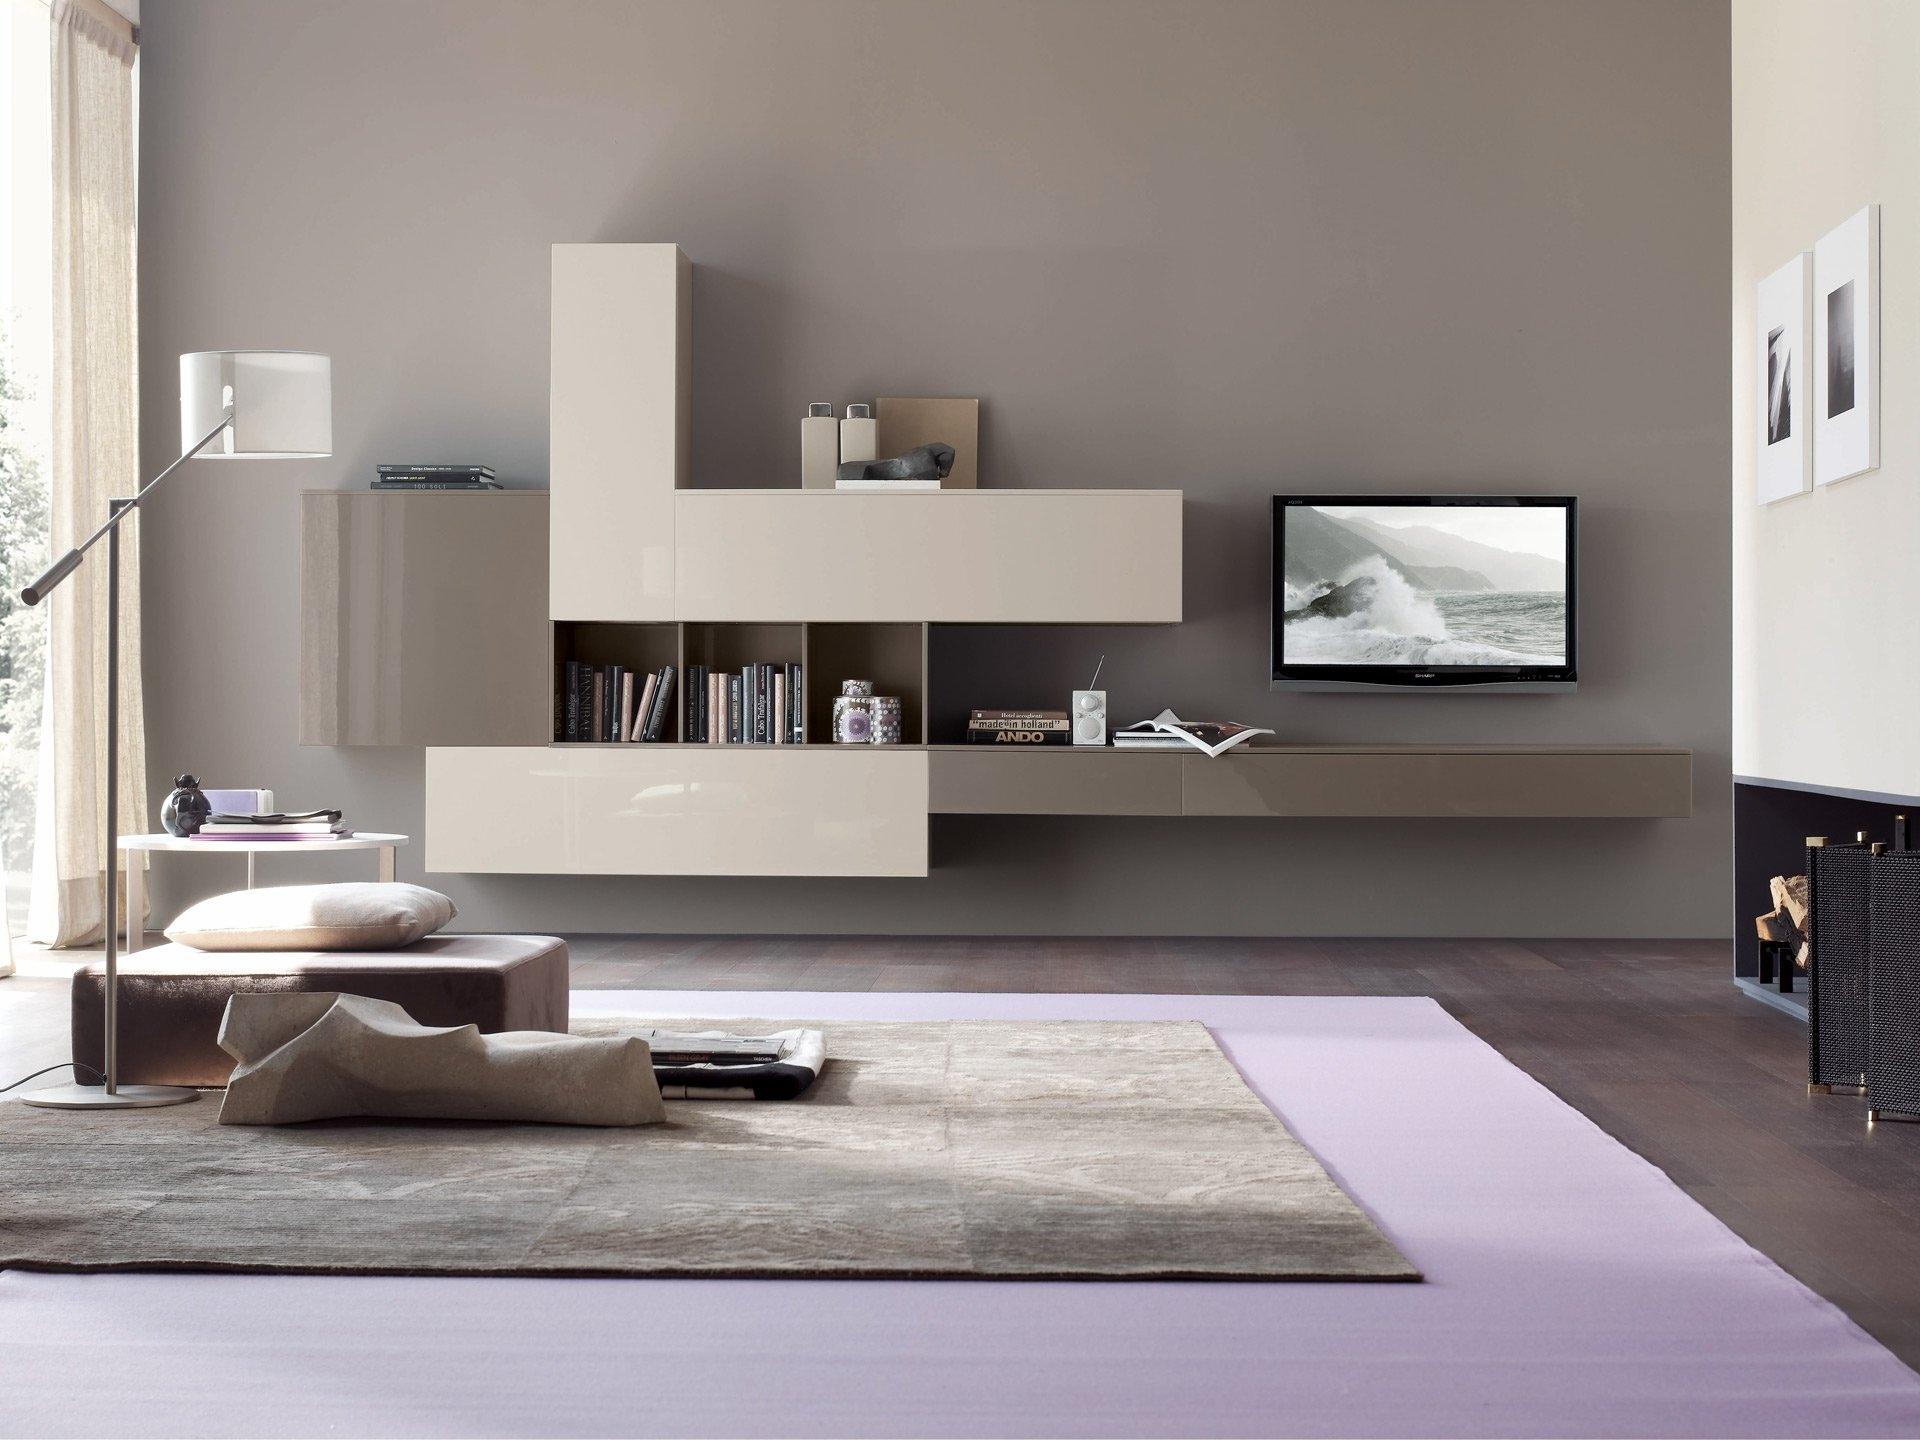 Parete tv atlante scontata 14716 soggiorni a prezzi scontati - Montaggio tv a parete ...